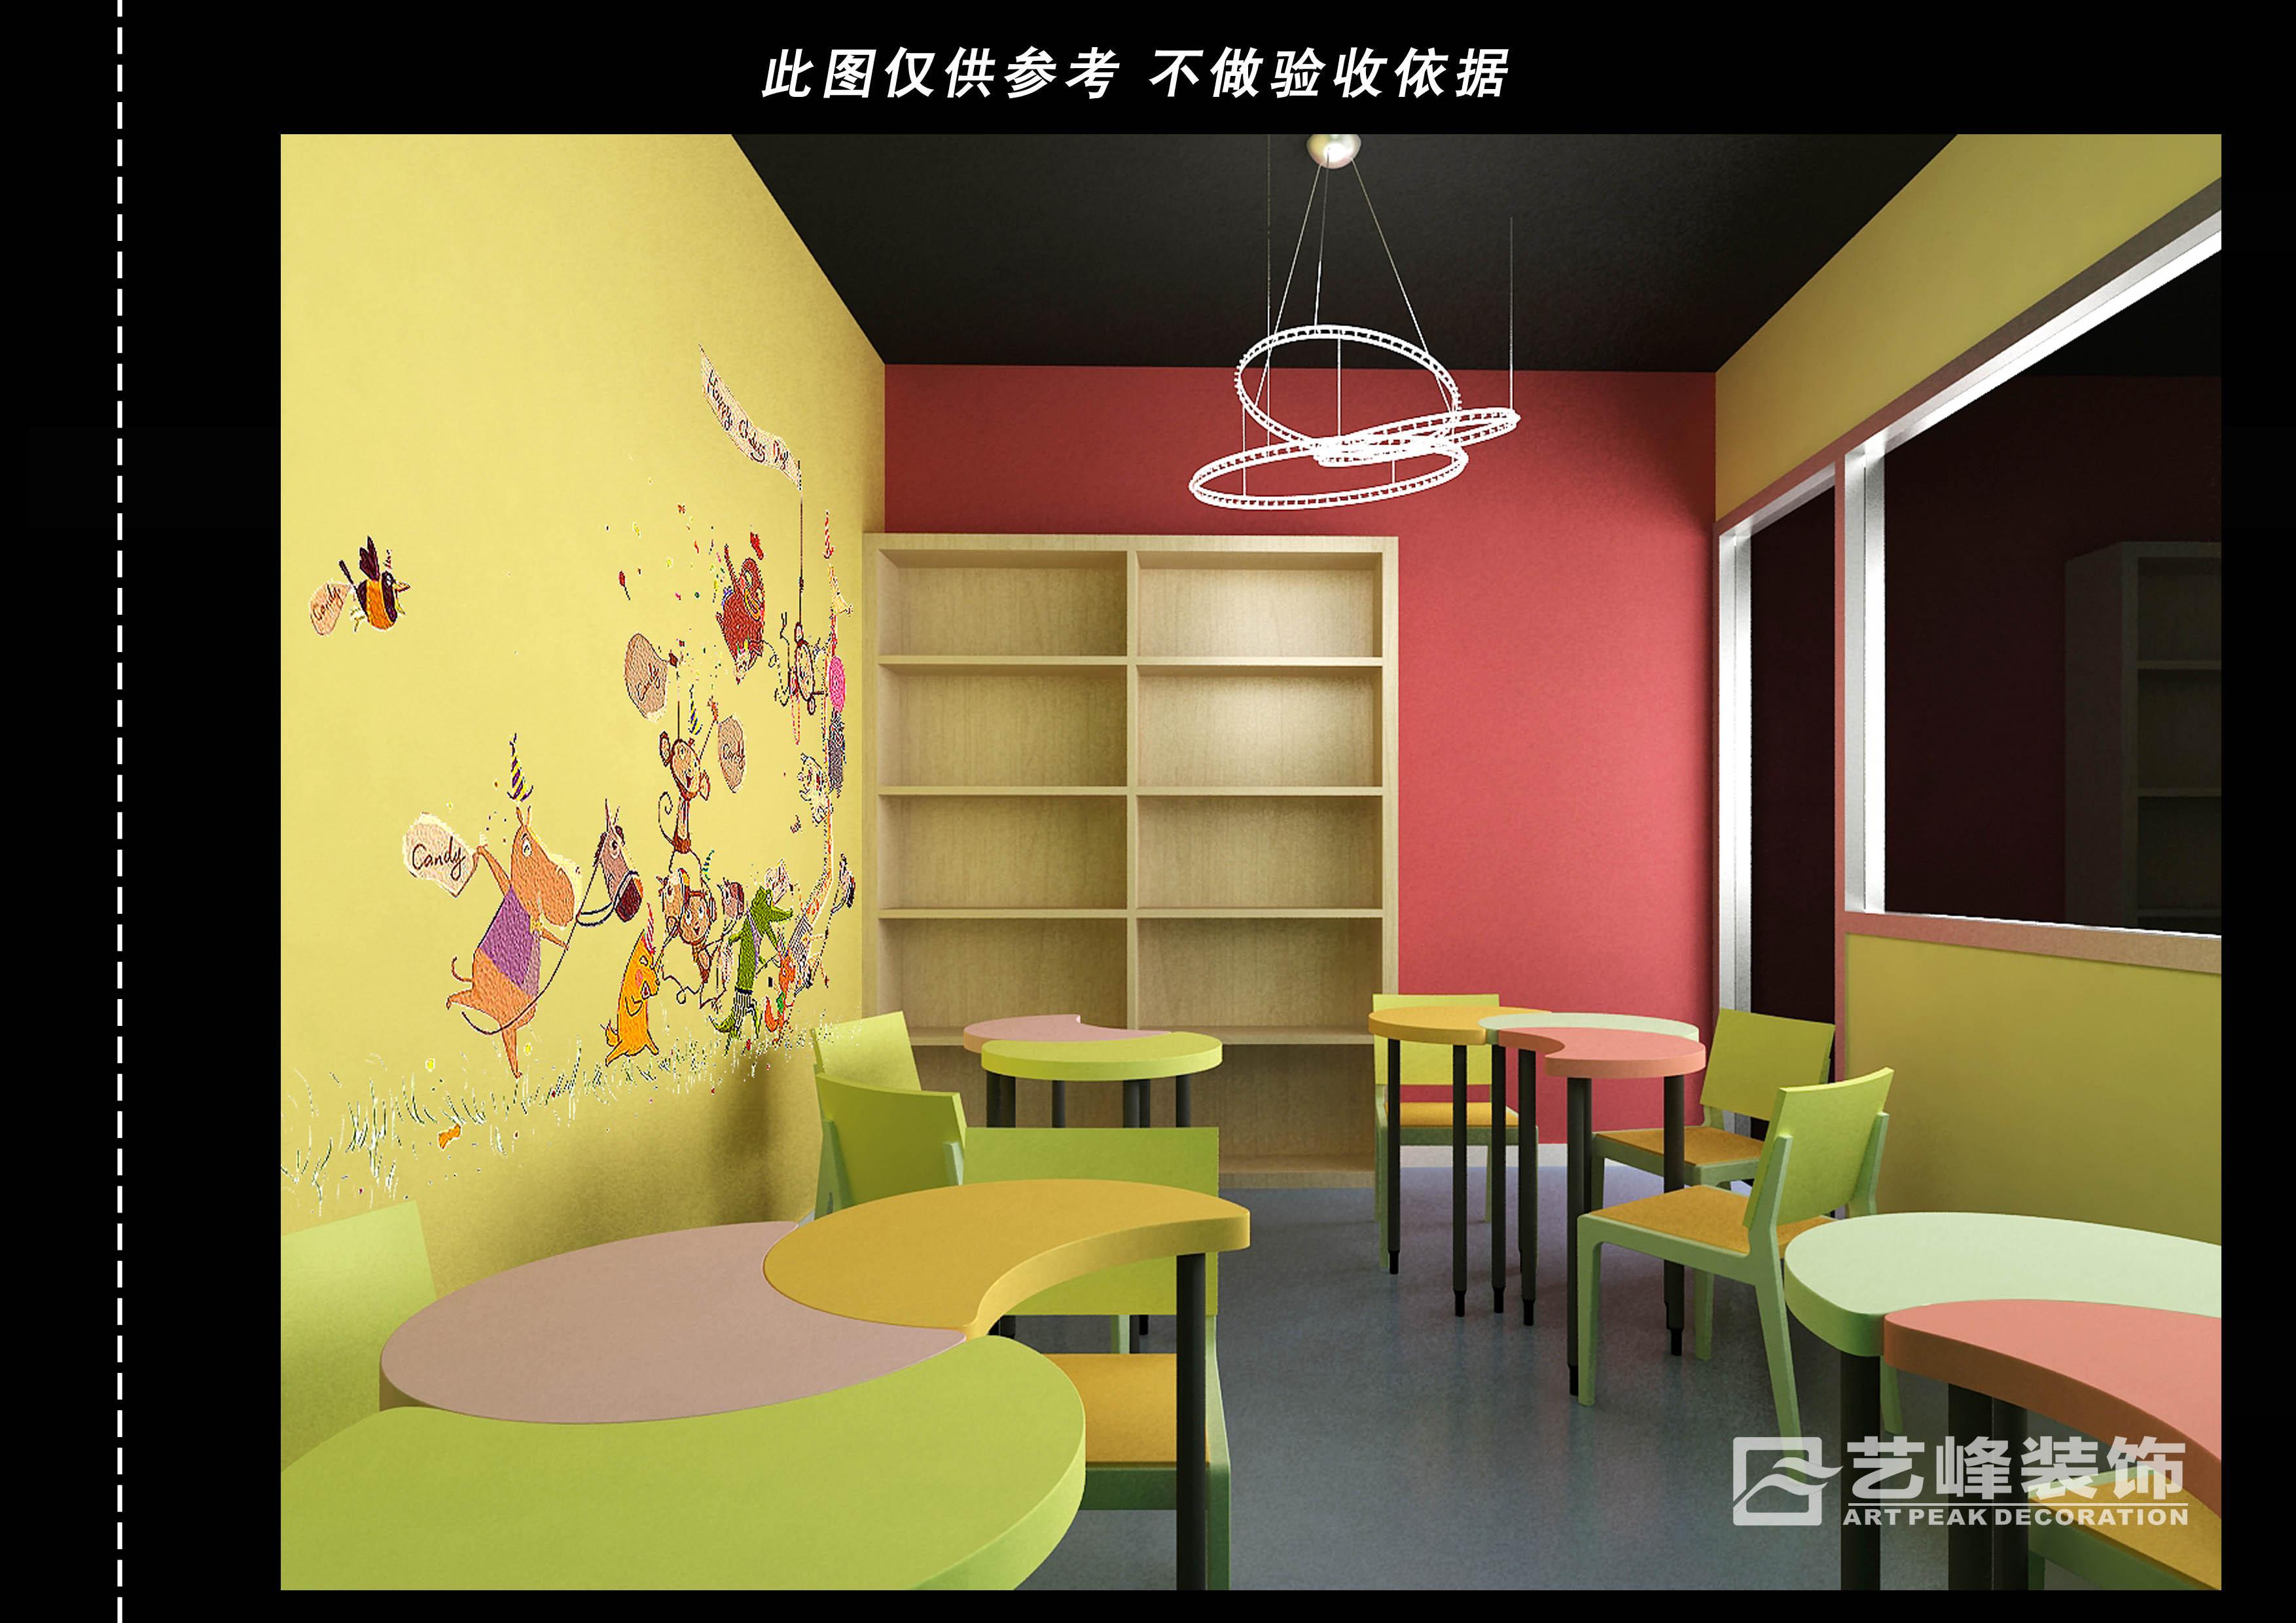 一楼教室2.jpg